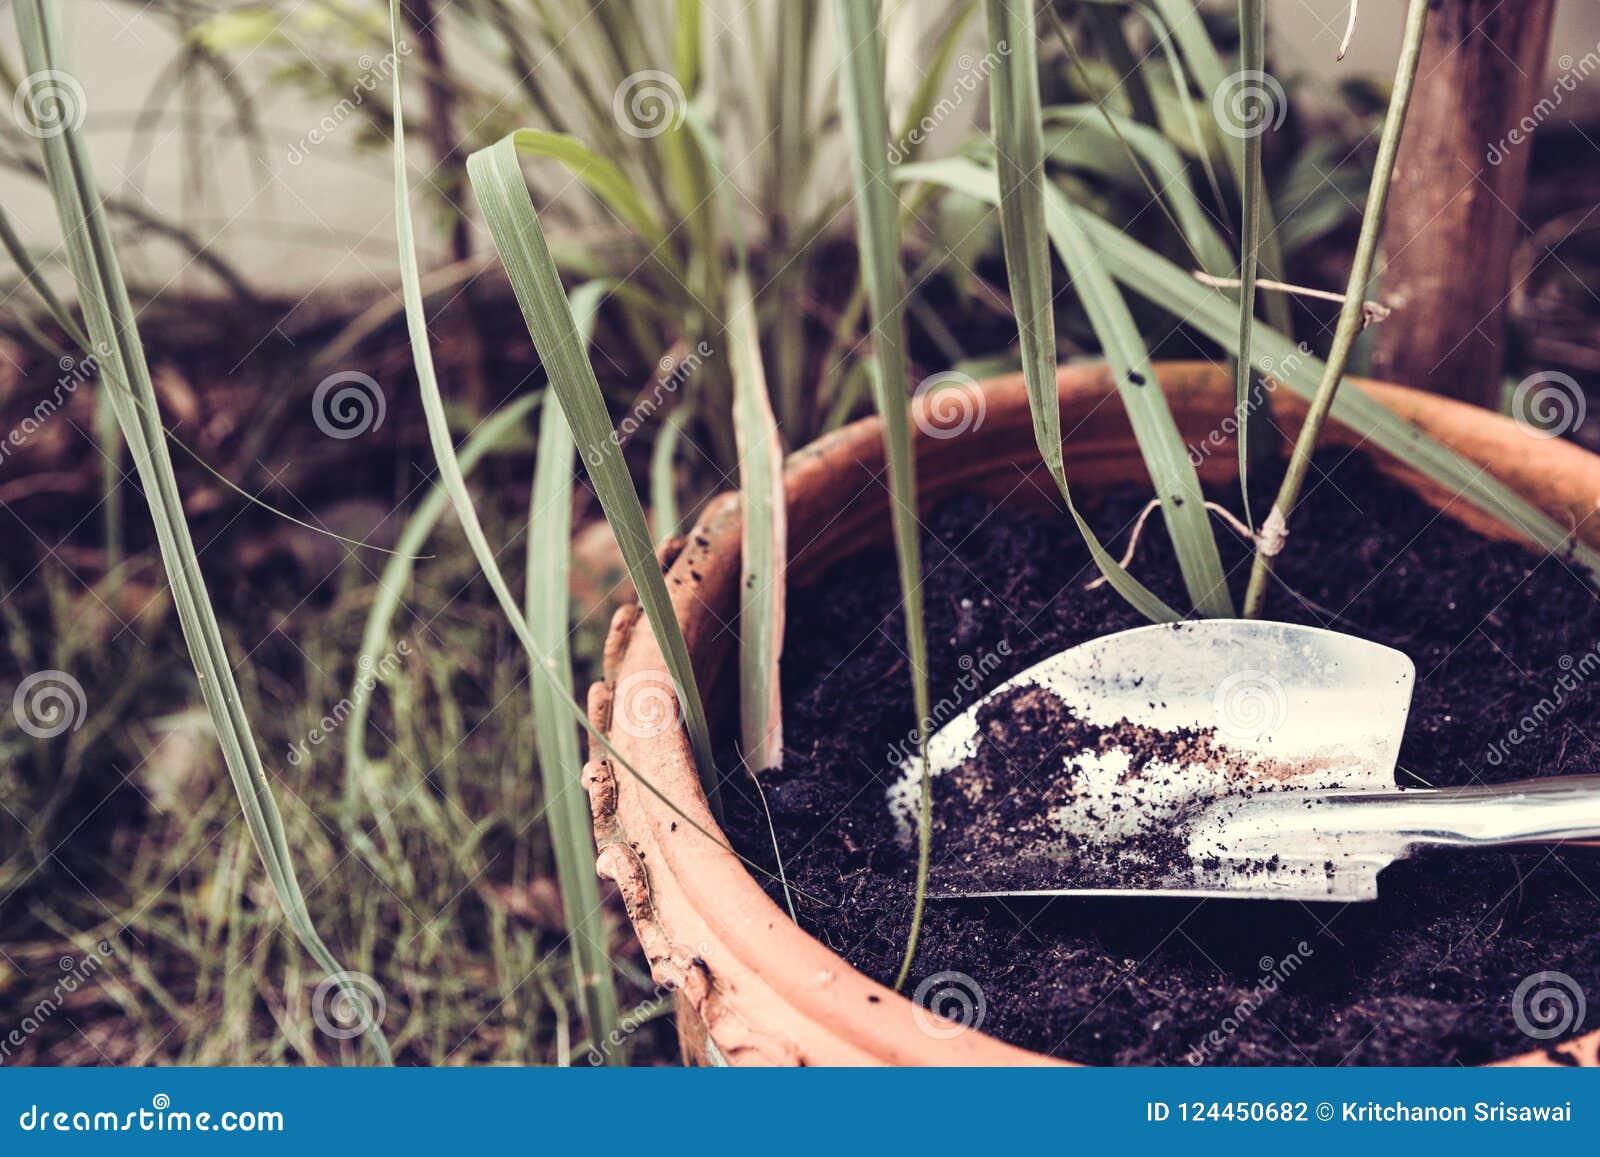 Gardening tools on fertile soil